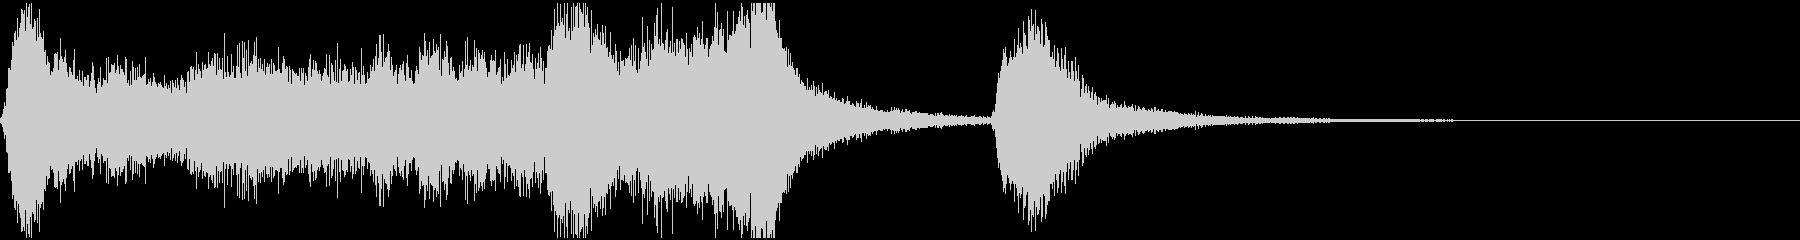 管弦楽による明るいジングルの未再生の波形